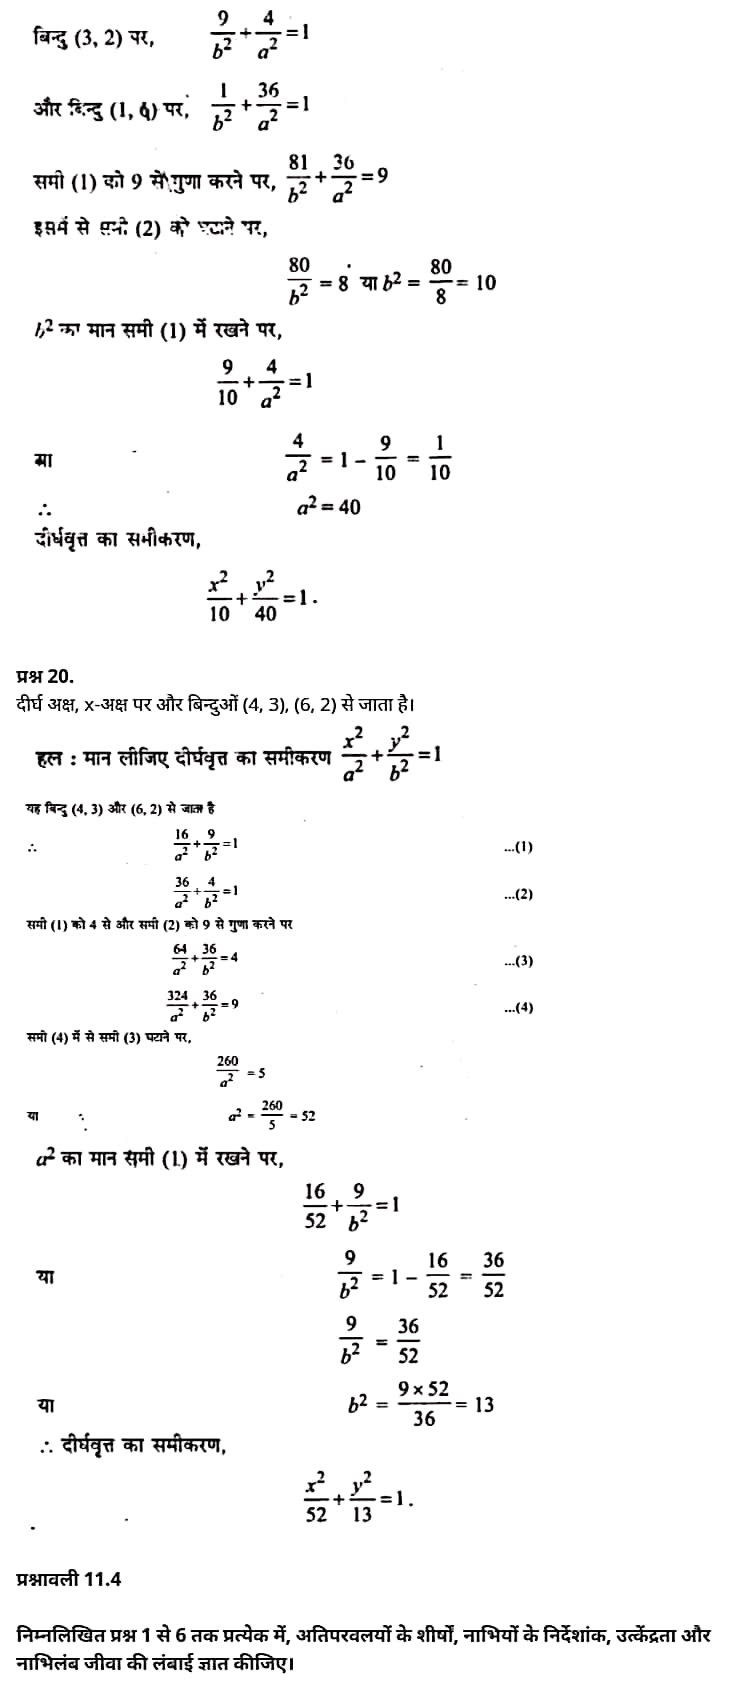 Conic Sections,  conic sections pdf,  conic sections formulas,  introduction to conic sections,  conic sections khan academy,  introduction to conic sections pdf,  parabola conic section,  conic sections class 11, conic sections eccentricity,   शंकु परिच्छेद,  शंकु किसे कहते हैं,  Utkendrata,  परवलय के सवाल,  परवल का मानक समीकरण,  शंकु का द्रव्यमान केंद्र,  शंकु का चित्र,  पैराबोला मीनिंग इन हिंदी,  अंडाकार की परिधि,    Class 11 matha Chapter 11,  class 11 matha chapter 11, ncert solutions in hindi,  class 11 matha chapter 11, notes in hindi,  class 11 matha chapter 11, question answer,  class 11 matha chapter 11, notes,  11 class matha chapter 11, in hindi,  class 11 matha chapter 11, in hindi,  class 11 matha chapter 11, important questions in hindi,  class 11 matha notes in hindi,   matha class 11 notes pdf,  matha Class 11 Notes 2021 NCERT,  matha Class 11 PDF,  matha book,  matha Quiz Class 11,  11th matha book up board,  up Board 11th matha Notes,  कक्षा 11 मैथ्स अध्याय 11,  कक्षा 11 मैथ्स का अध्याय 11, ncert solution in hindi,  कक्षा 11 मैथ्स के अध्याय 11, के नोट्स हिंदी में,  कक्षा 11 का मैथ्स अध्याय 11, का प्रश्न उत्तर,  कक्षा 11 मैथ्स अध्याय 11, के नोट्स,  11 कक्षा मैथ्स अध्याय 11, हिंदी में,  कक्षा 11 मैथ्स अध्याय 11, हिंदी में,  कक्षा 11 मैथ्स अध्याय 11, महत्वपूर्ण प्रश्न हिंदी में,  कक्षा 11 के मैथ्स के नोट्स हिंदी में,  मैथ्स कक्षा 11 नोट्स pdf,  मैथ्स कक्षा 11 नोट्स 2021 NCERT,  मैथ्स कक्षा 11 PDF,  मैथ्स पुस्तक,  मैथ्स की बुक,  मैथ्स प्रश्नोत्तरी Class 11, 11 वीं मैथ्स पुस्तक up board,  बिहार बोर्ड 11 वीं मैथ्स नोट्स,   कक्षा 11 गणित अध्याय 11,  कक्षा 11 गणित का अध्याय 11, ncert solution in hindi,  कक्षा 11 गणित के अध्याय 11, के नोट्स हिंदी में,  कक्षा 11 का गणित अध्याय 11, का प्रश्न उत्तर,  कक्षा 11 गणित अध्याय 11, के नोट्स,  11 कक्षा गणित अध्याय 11, हिंदी में,  कक्षा 11 गणित अध्याय 11, हिंदी में,  कक्षा 11 गणित अध्याय 11, महत्वपूर्ण प्रश्न हिंदी में,  कक्षा 11 के गणित के नोट्स हिंदी में,   गणित कक्षा 11 नोट्स pdf,  गणित कक्षा 11 नोट्स 2021 NCERT,  